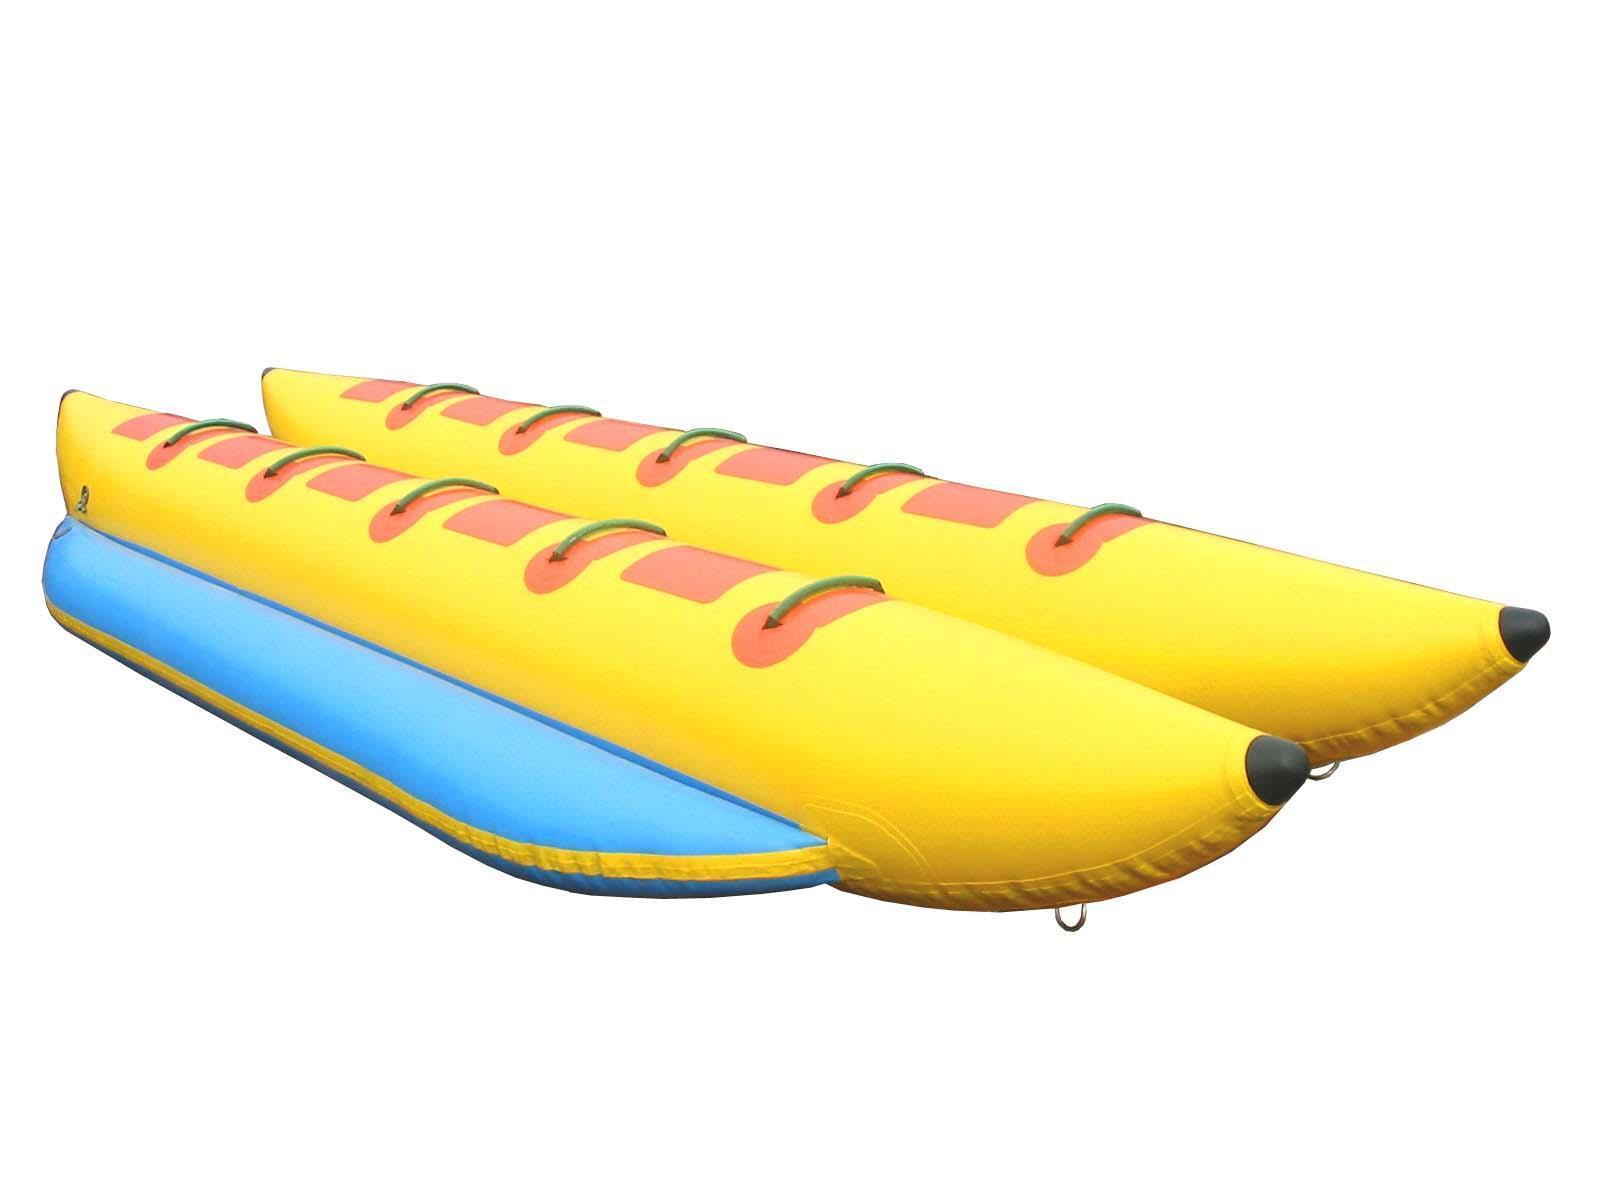 Banana Boat Bing Images